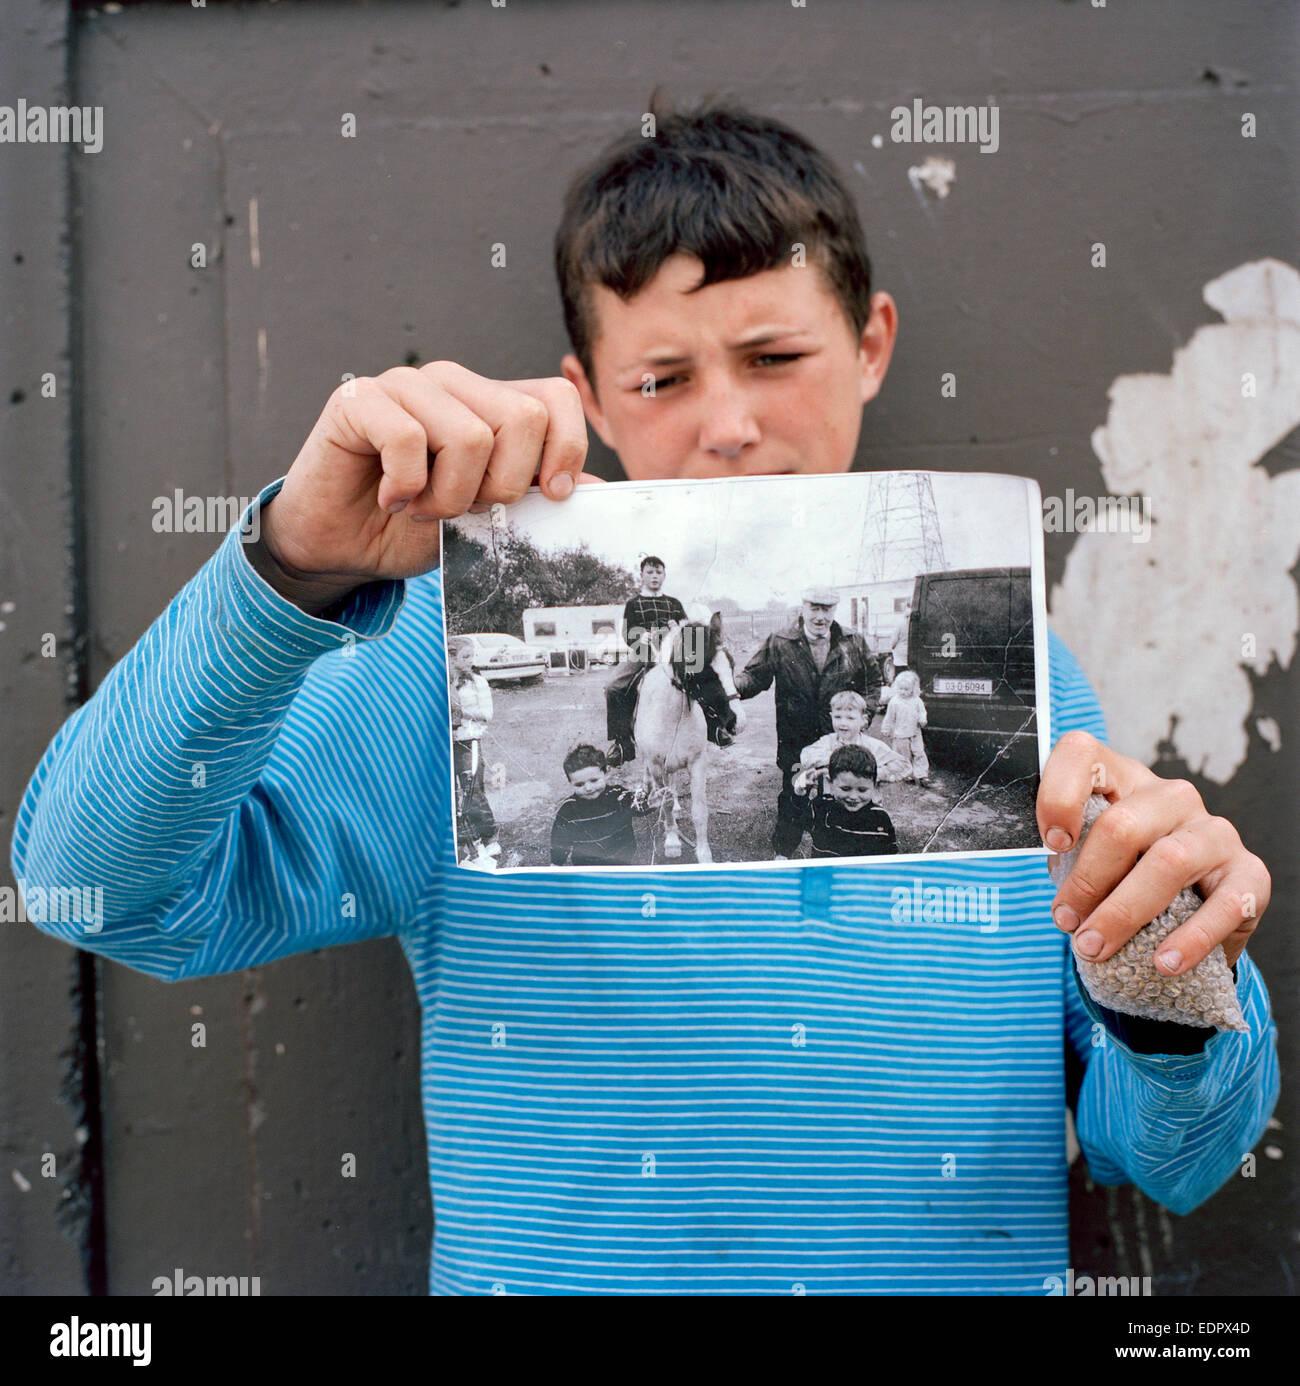 Ballerfermot, co. Dublin, Ireland. August 2013 - Stock Image